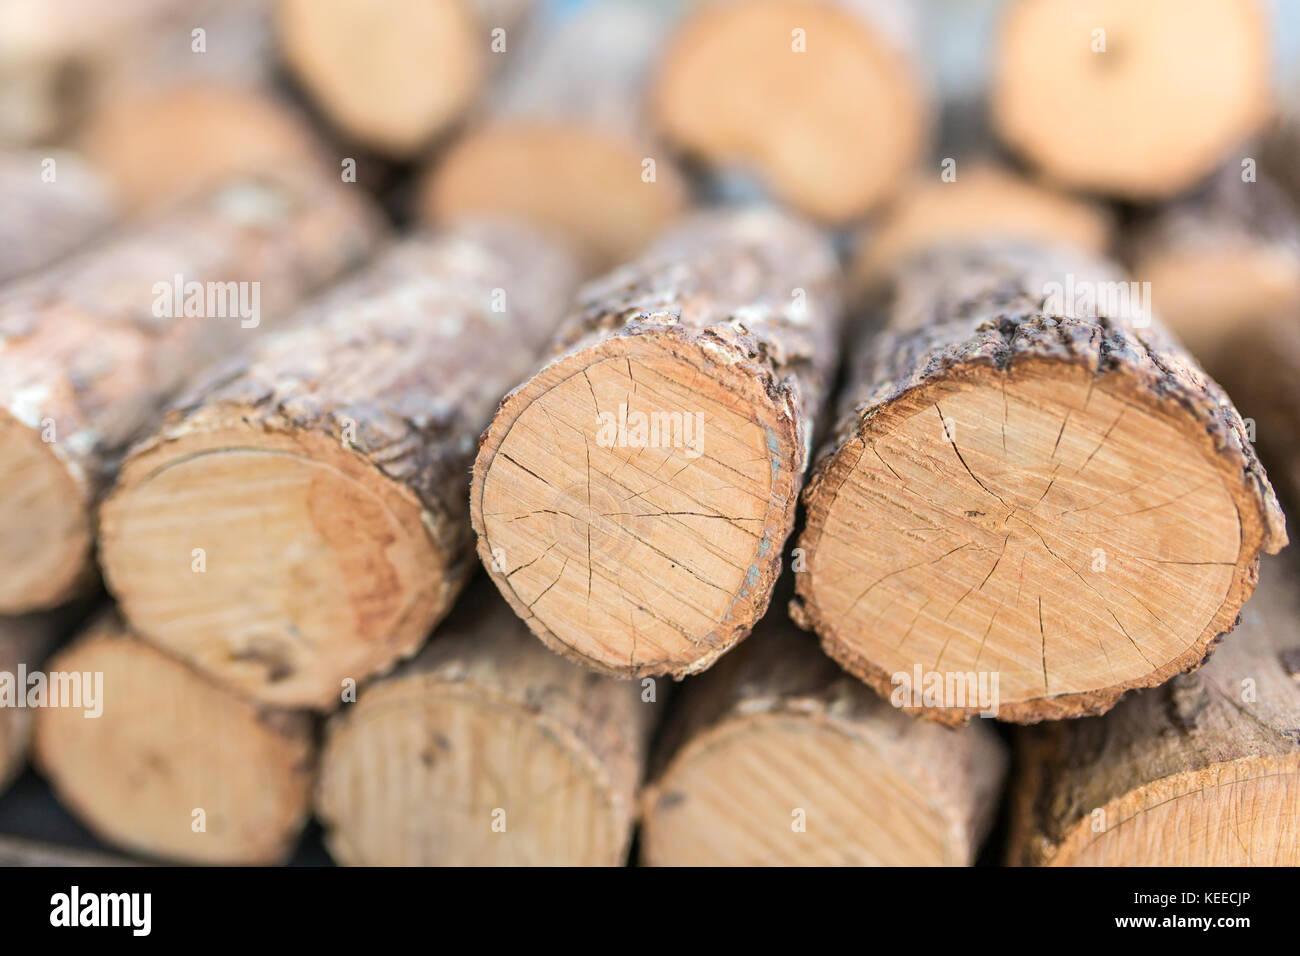 Thanaka wood close-up. Tanaka is Burmese tradition cosmetic made from bark of tanaka tree. Stock Photo